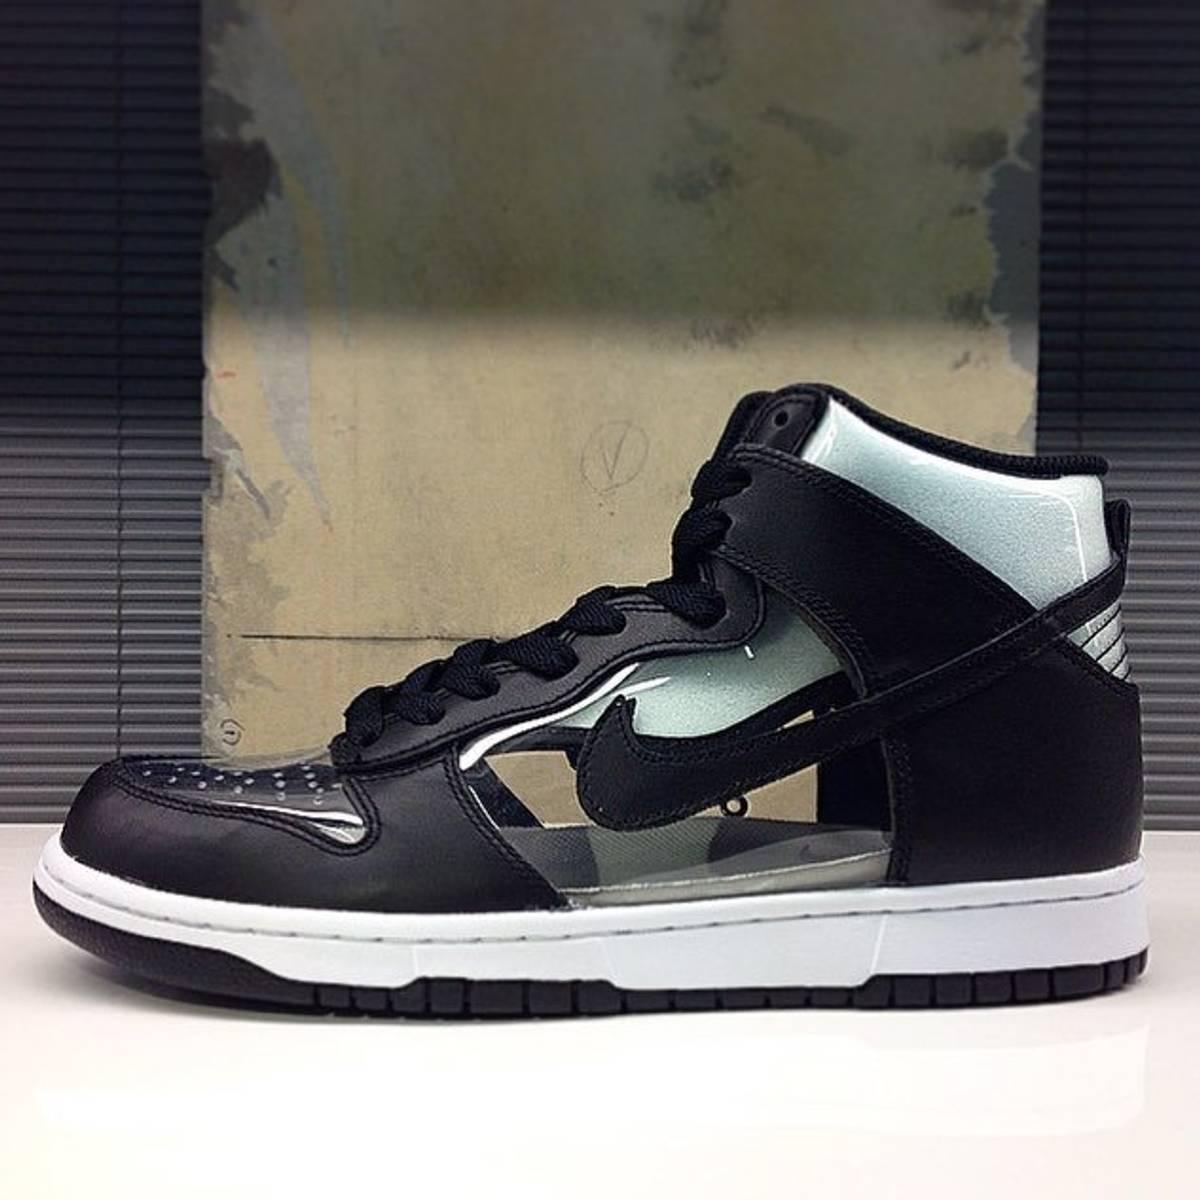 5a60cb192b84 Nike × Comme Des Garcons Homme Plus. Dunk Hi Retro CDG. Size  US 9 ...